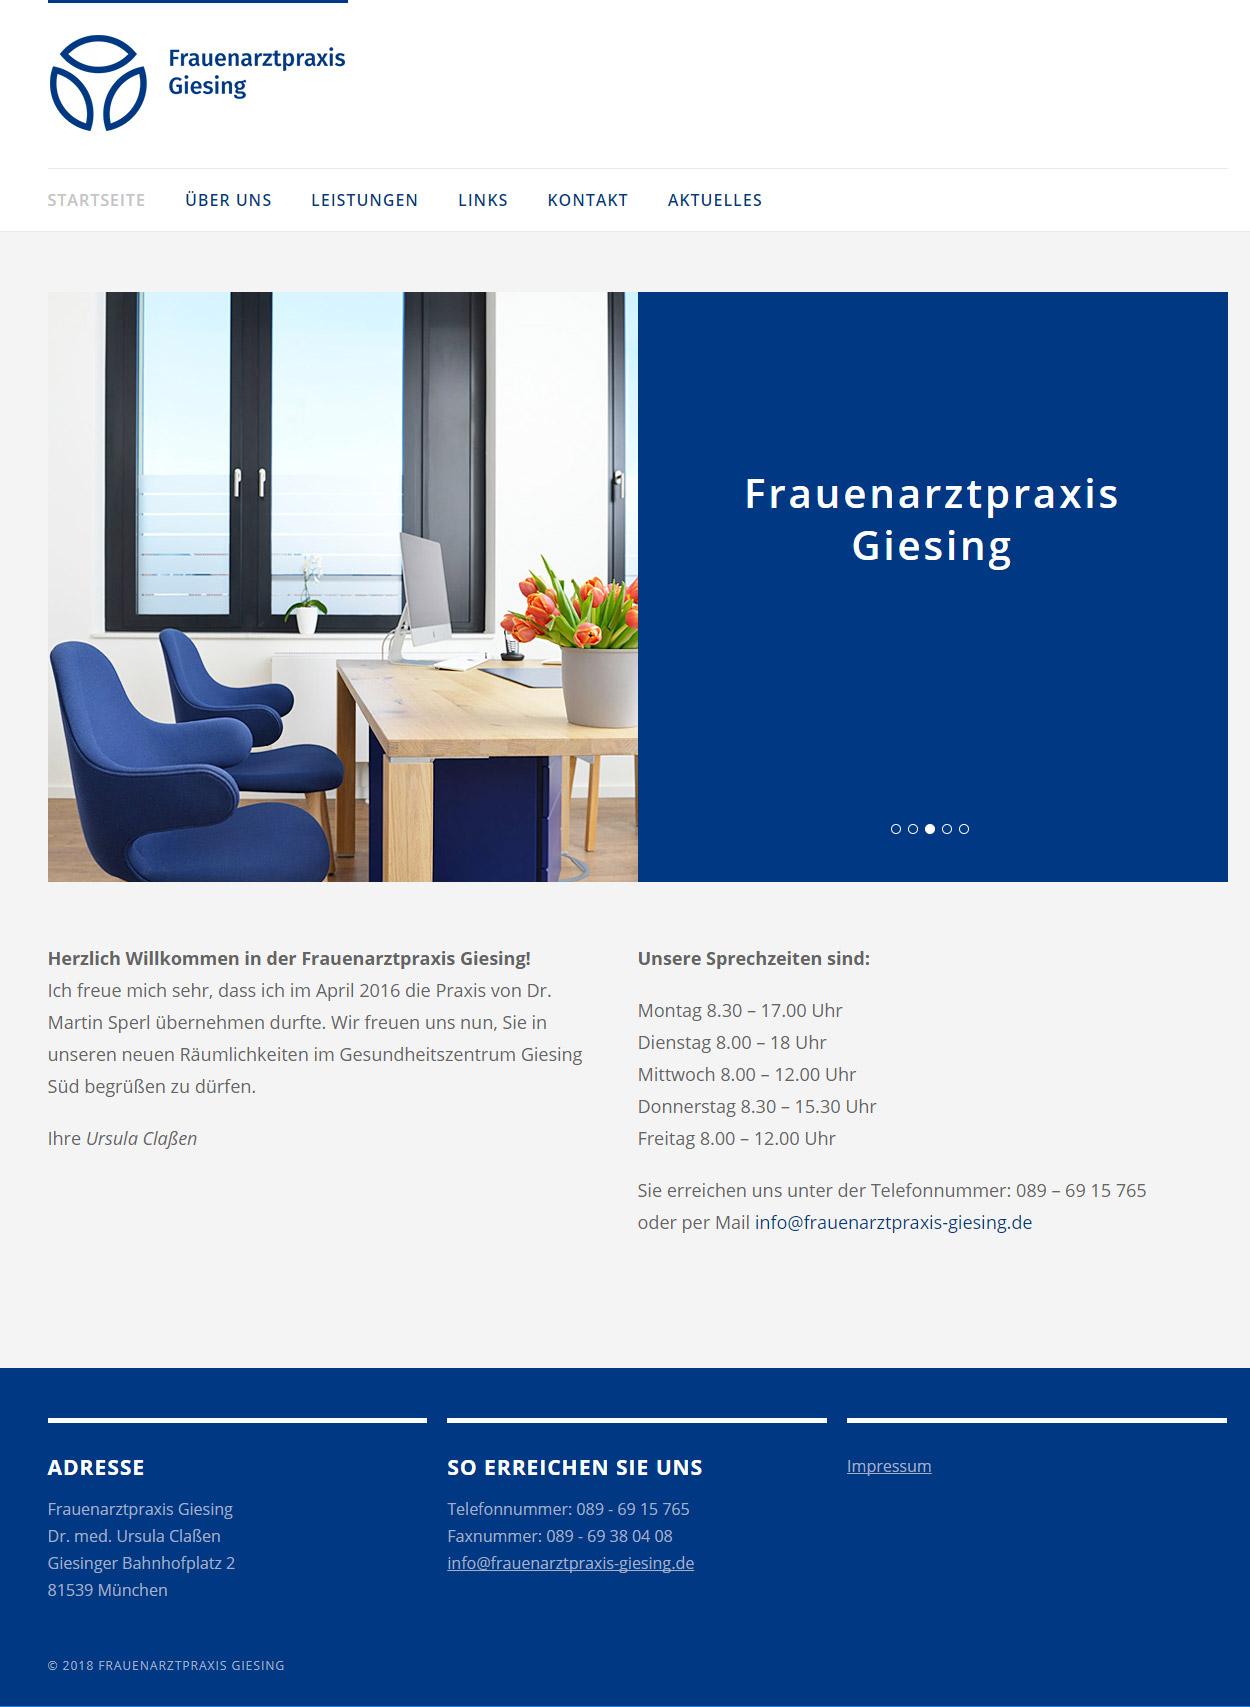 Frauenarztpraxis Giesing, München